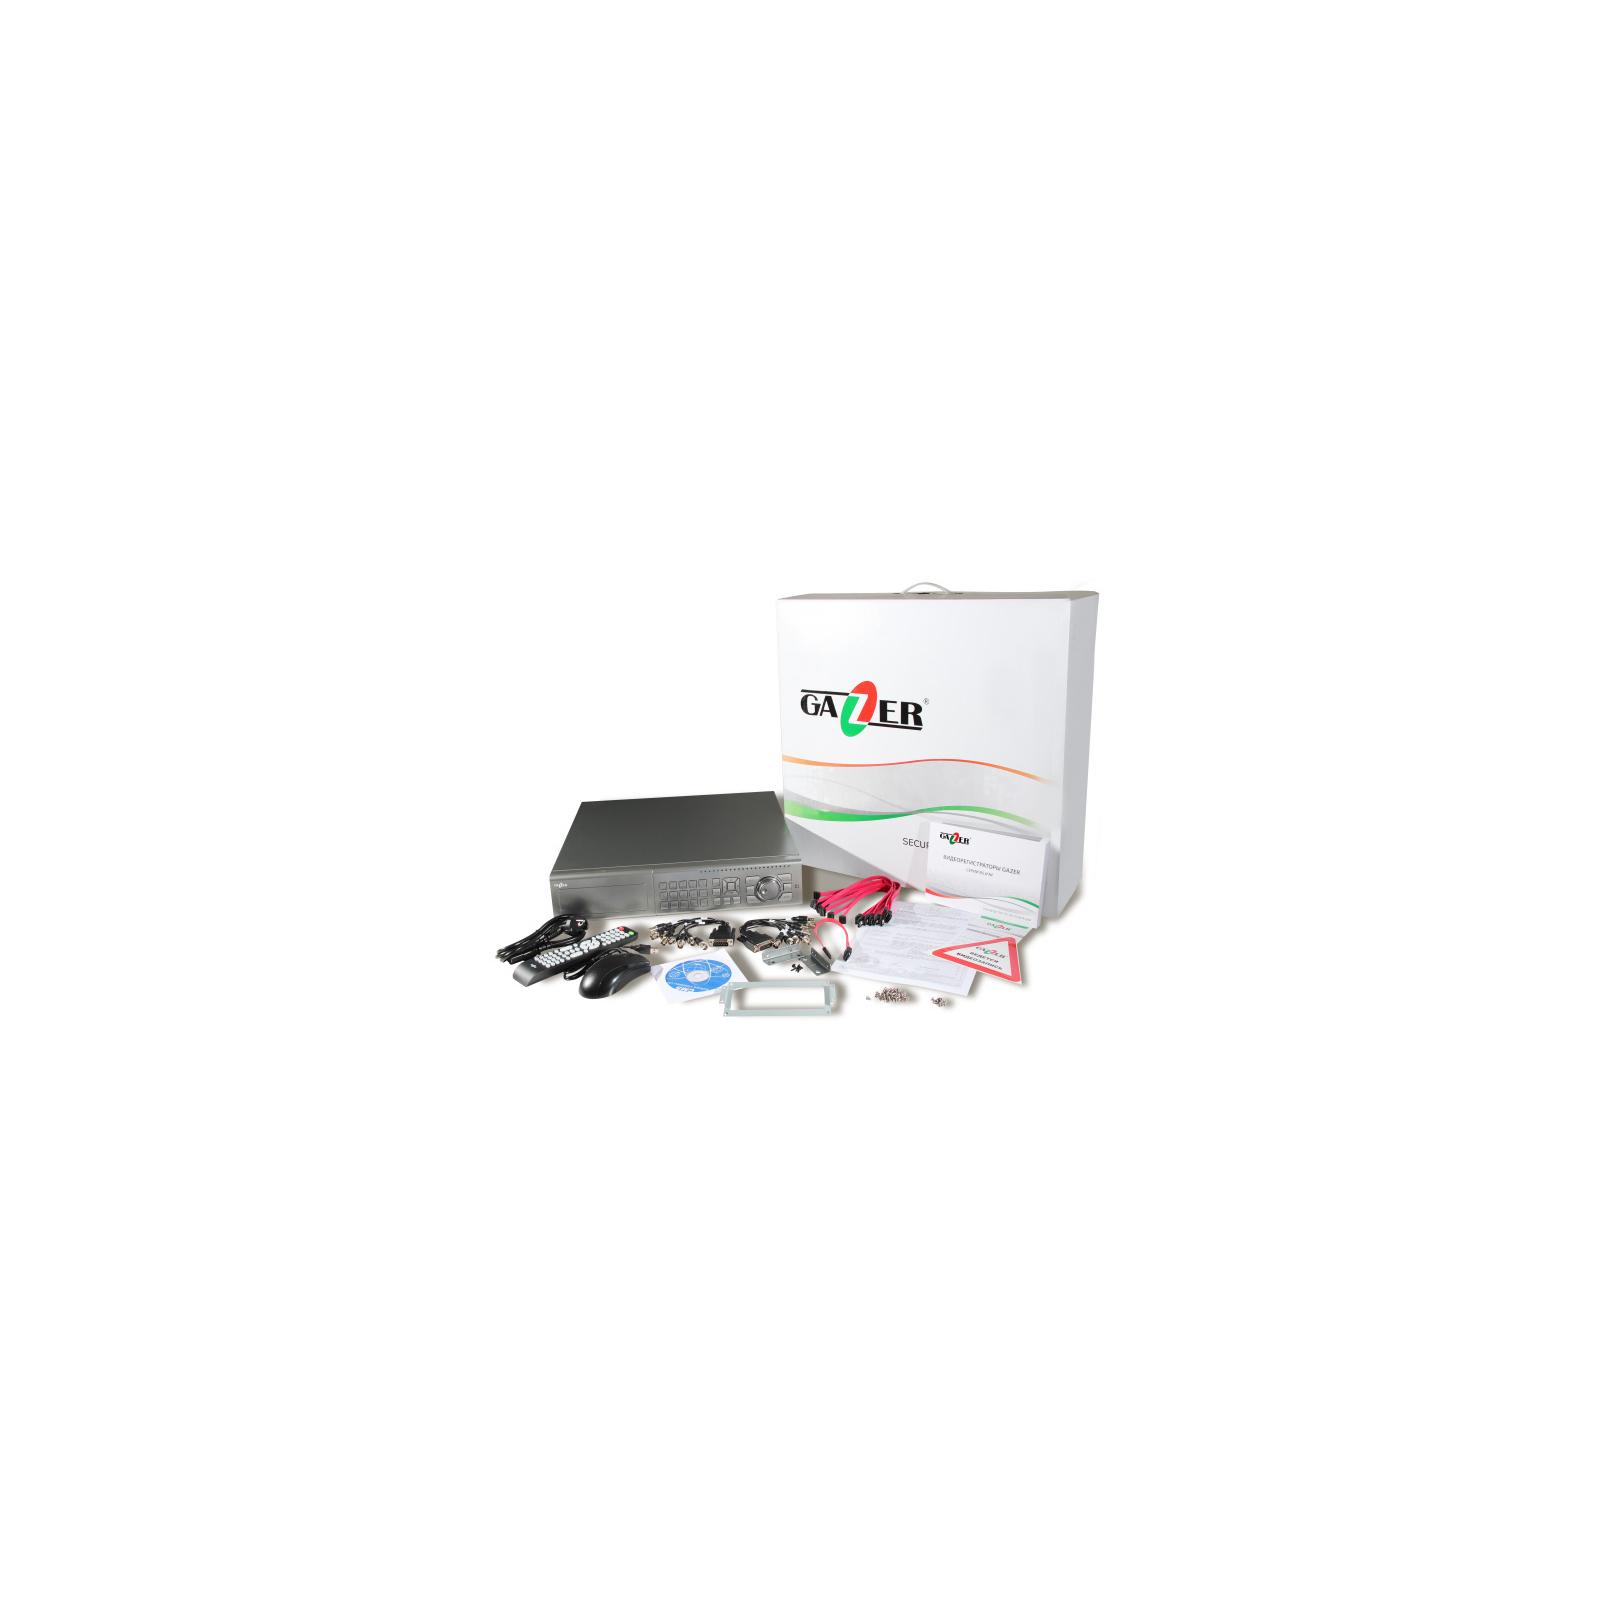 Регистратор для видеонаблюдения Gazer NF316r изображение 14